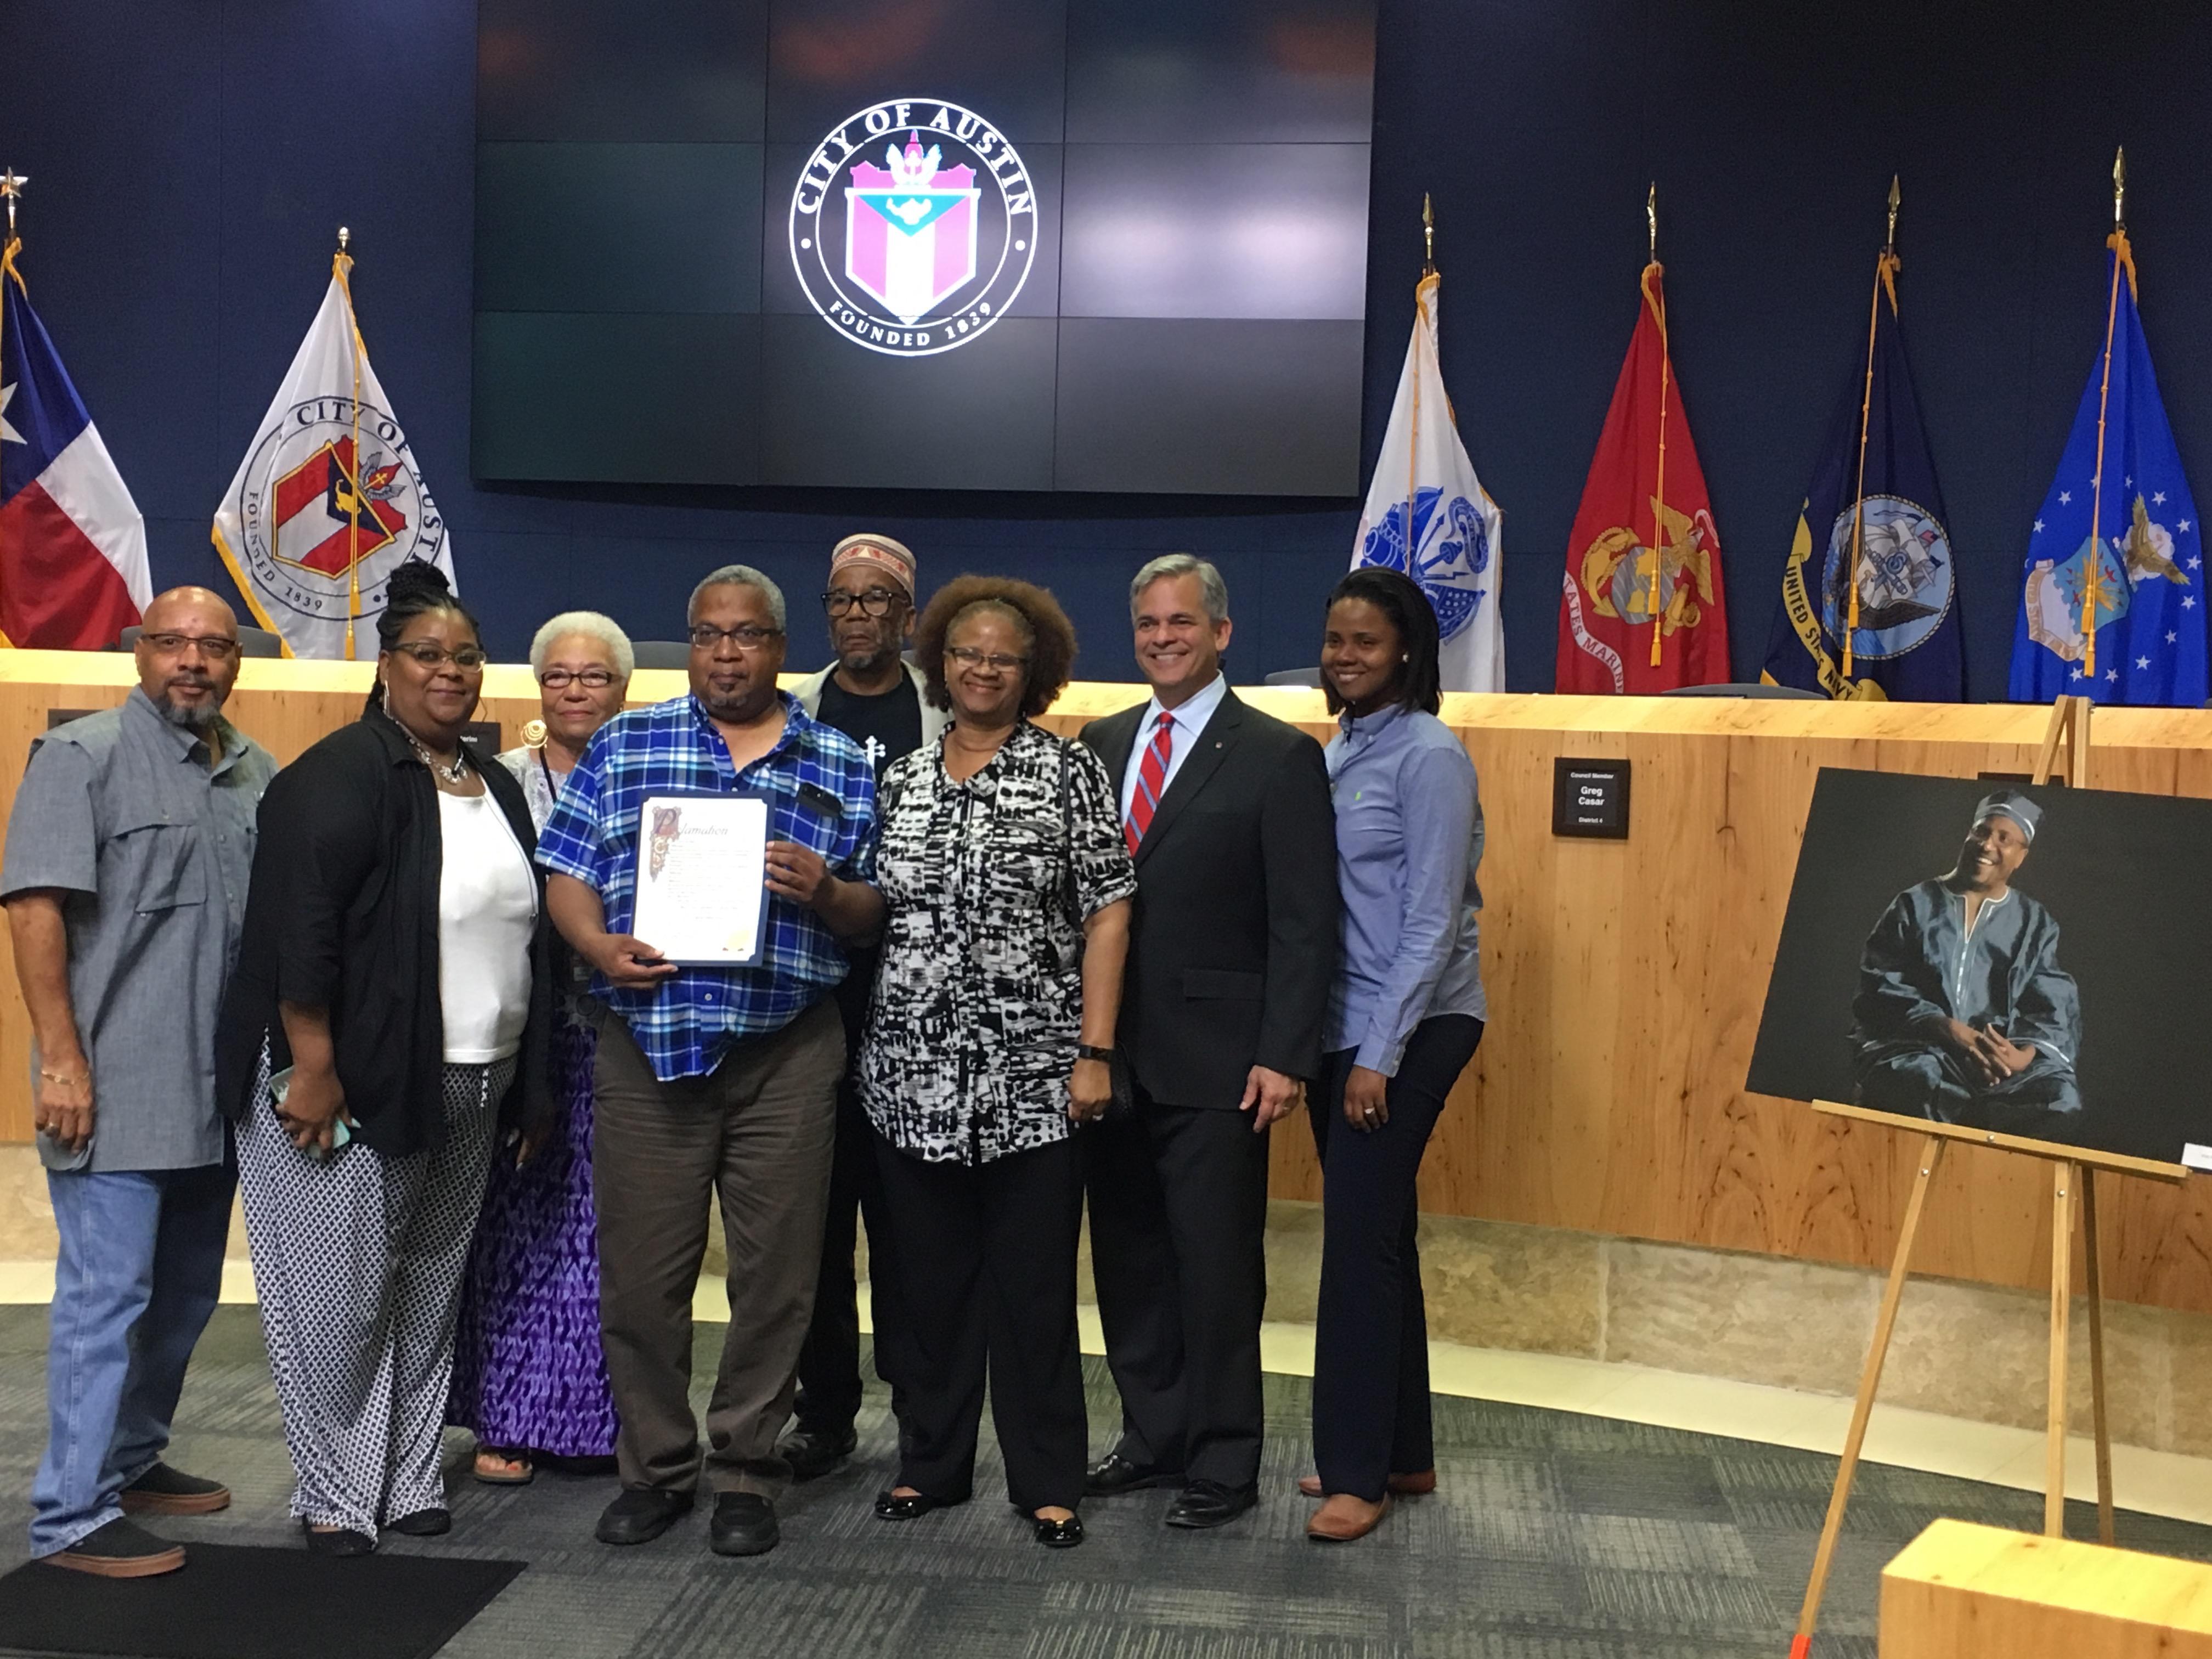 Booker Vance (front center); Clen Vance (rear center), Mayor Adler, Cmbr. Ora Houston (sponsor) and friends